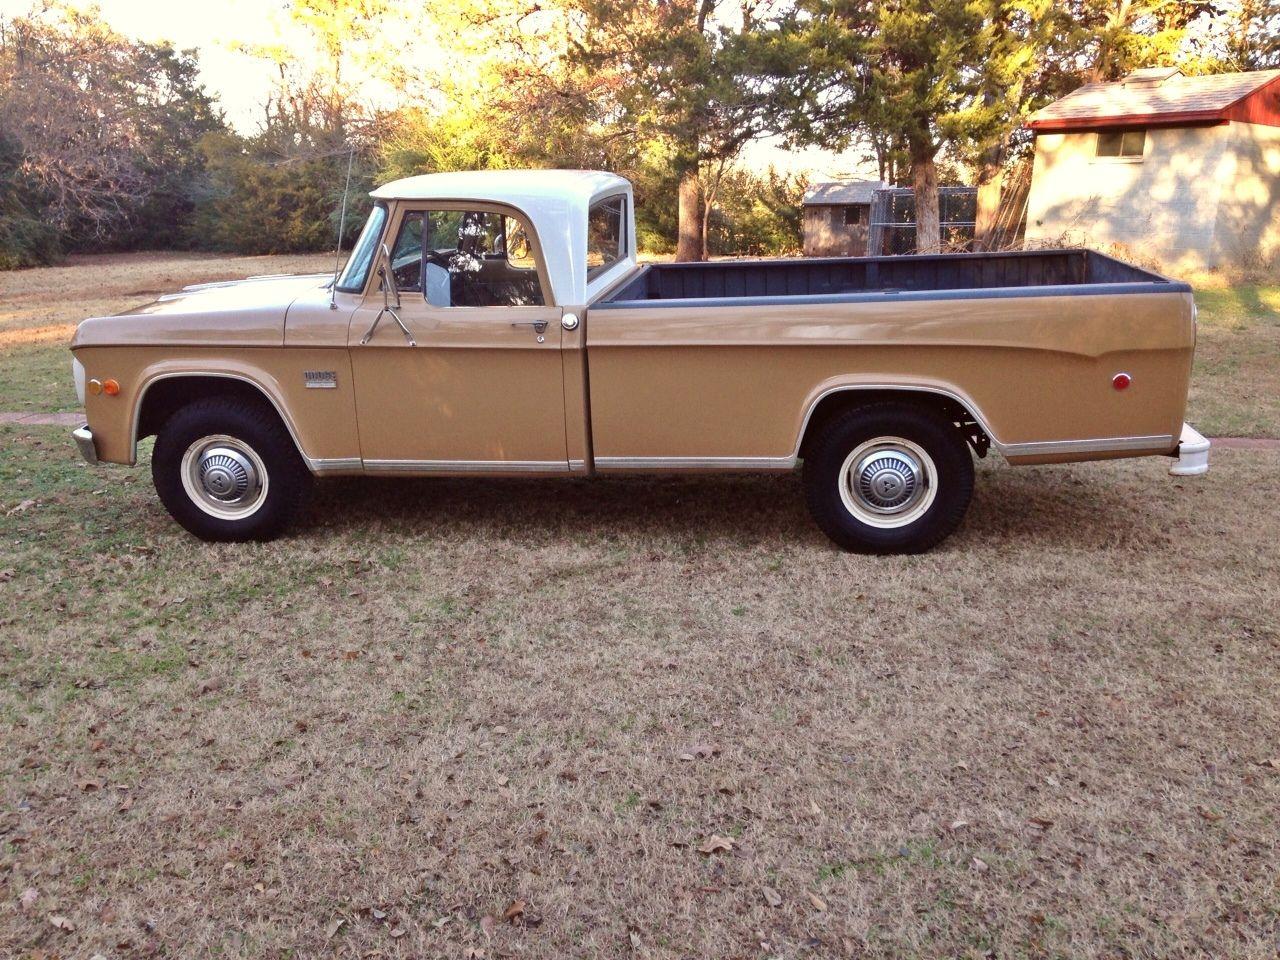 1969 dodge d100 d200 pick up classic mopar pickup truck low miles 64 000